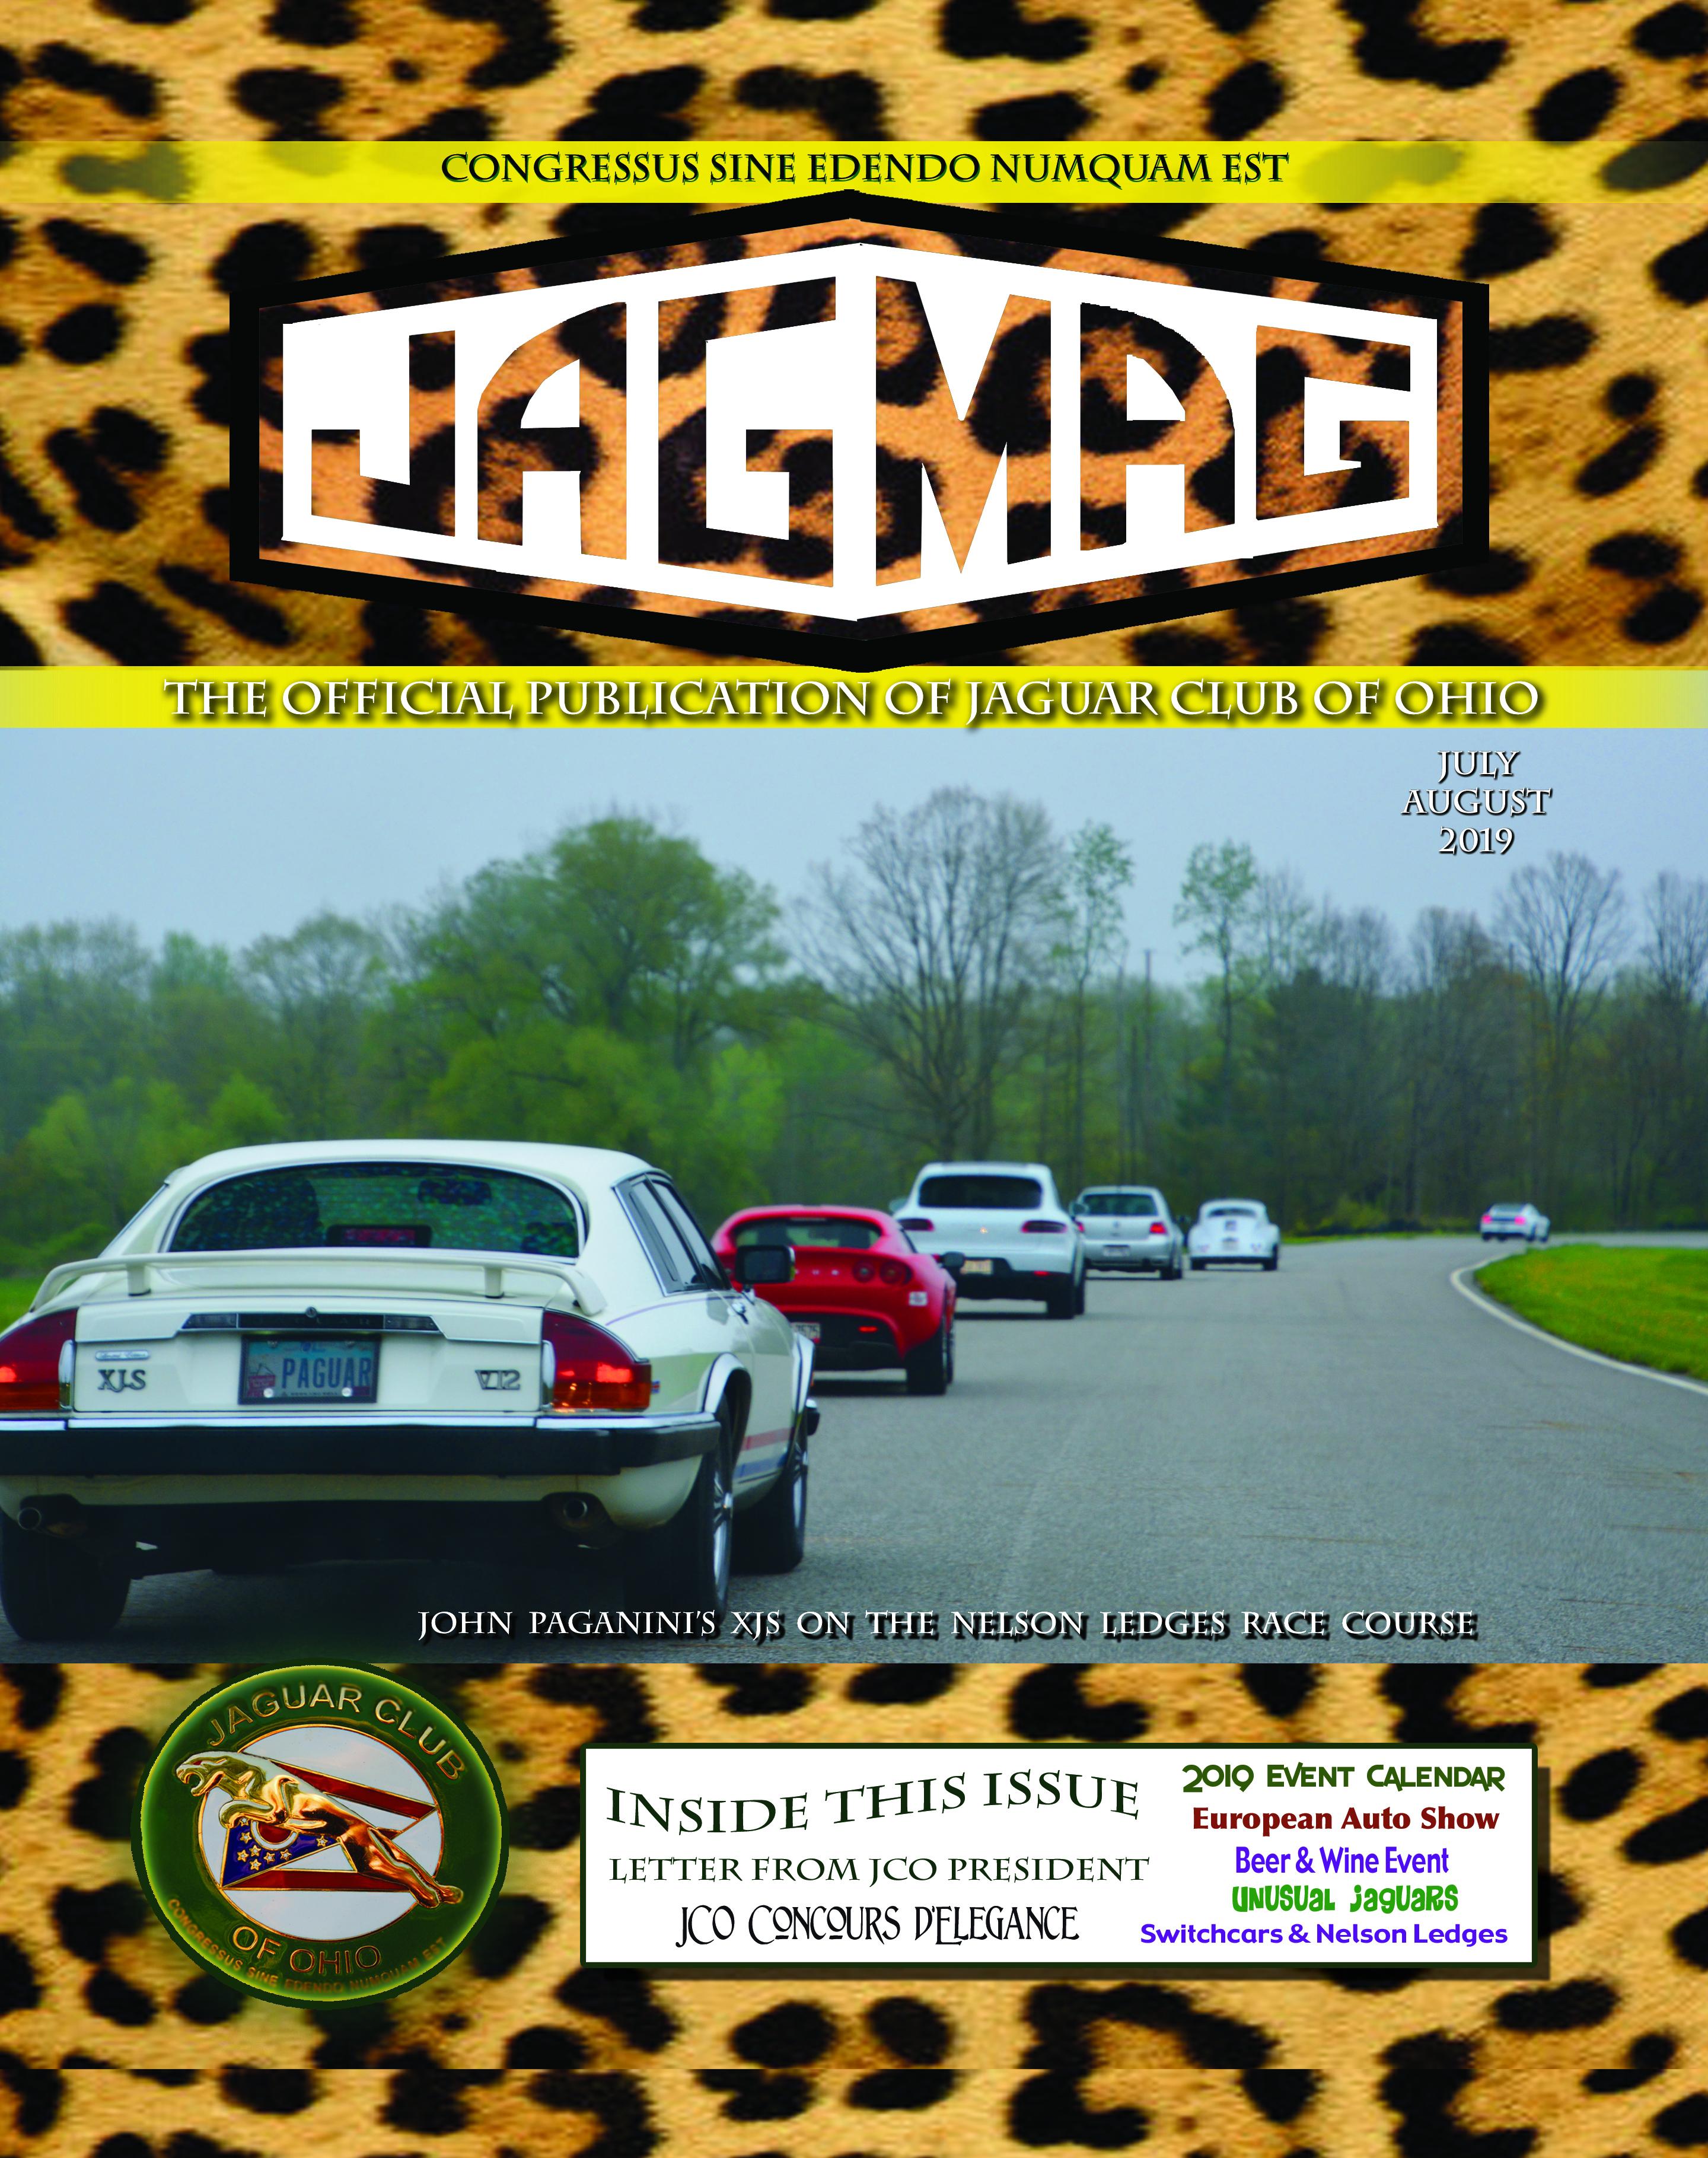 The Jaguar Club of Ohio